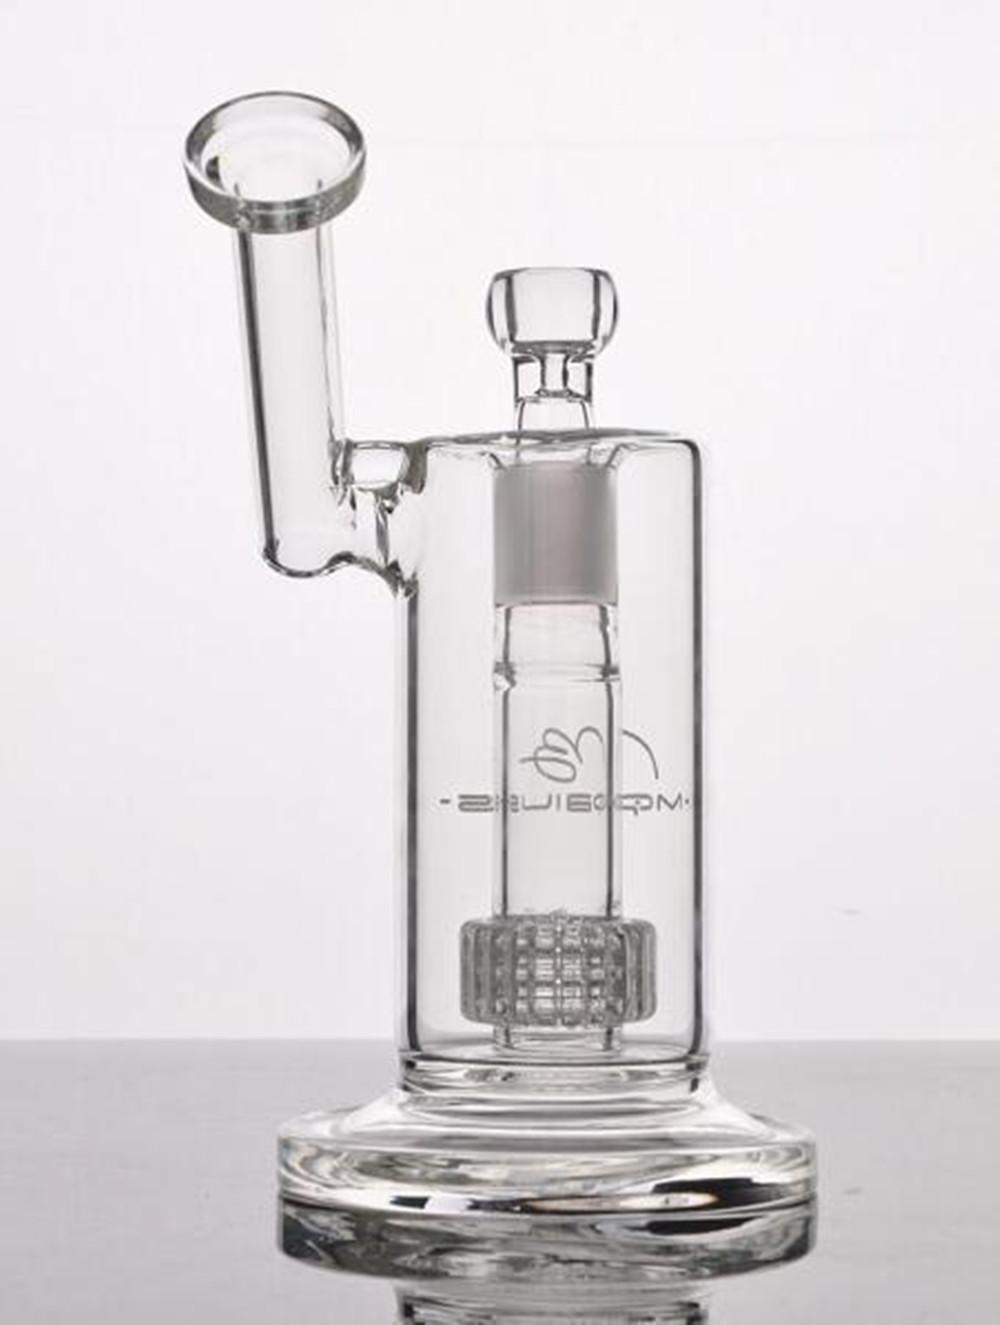 En stock 22.5cm Mobius verre Matrice de sidecar bong birdcage perc pipes d'eau de Bangs de verre en verre épais avec FY2301 joint 18 mm